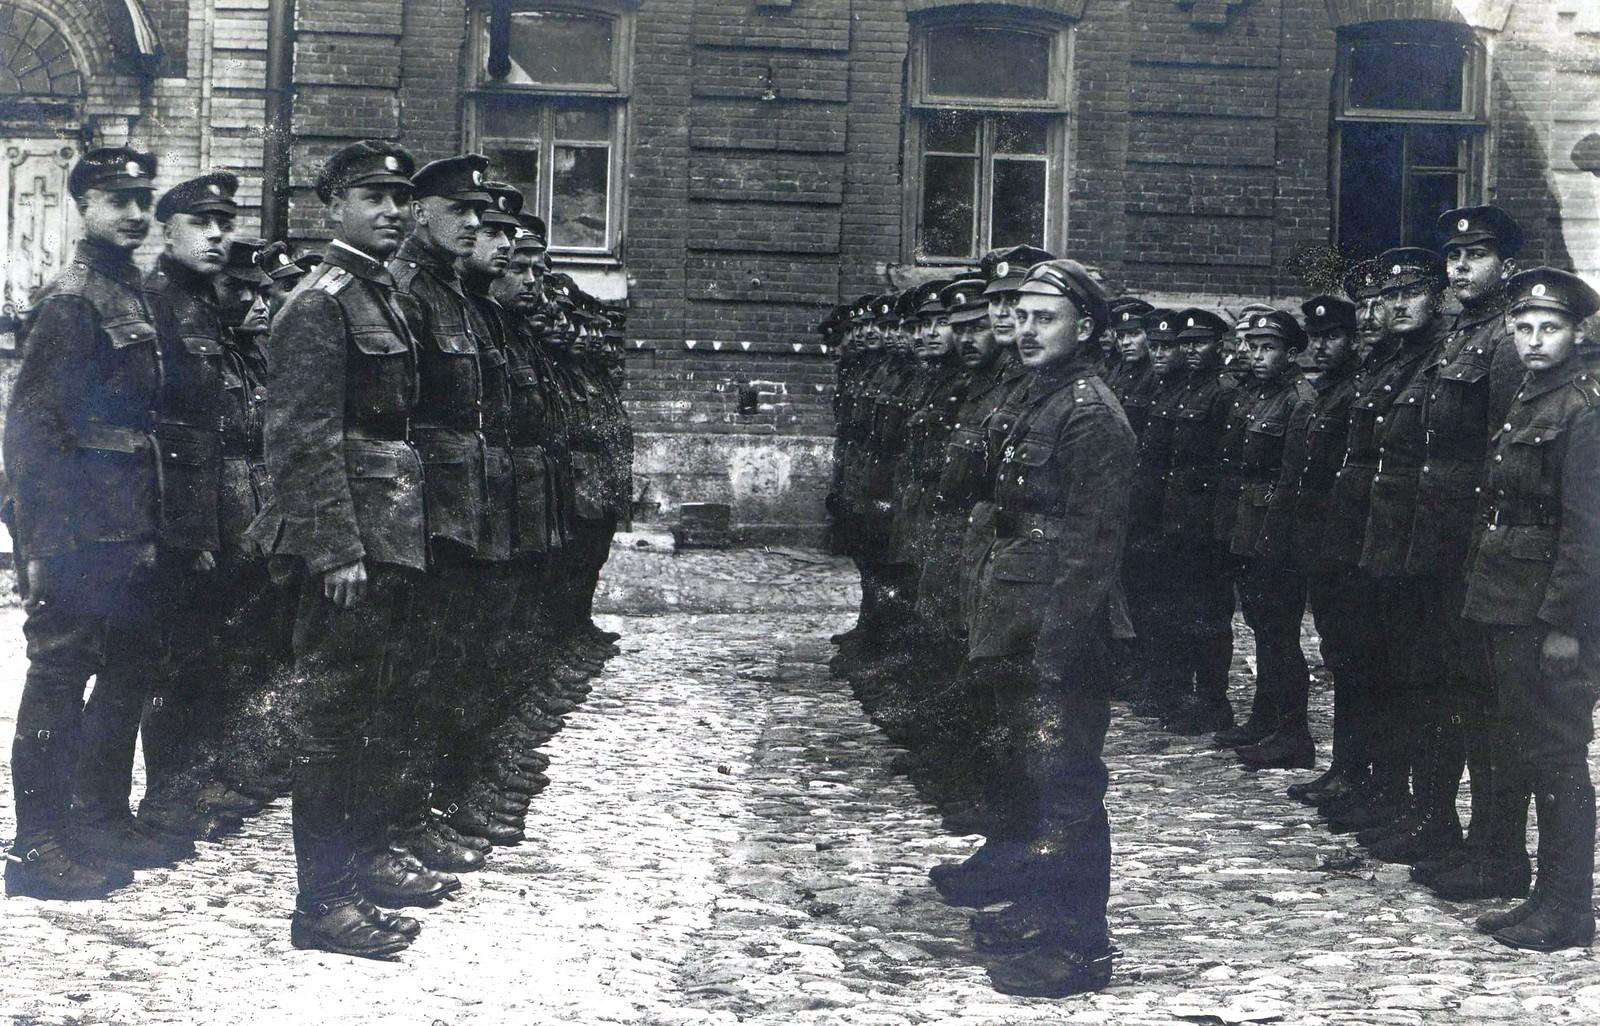 342. 1919. Конно-Горная батарея бригады генерала Н. С. Тимановского в английском обмундировании